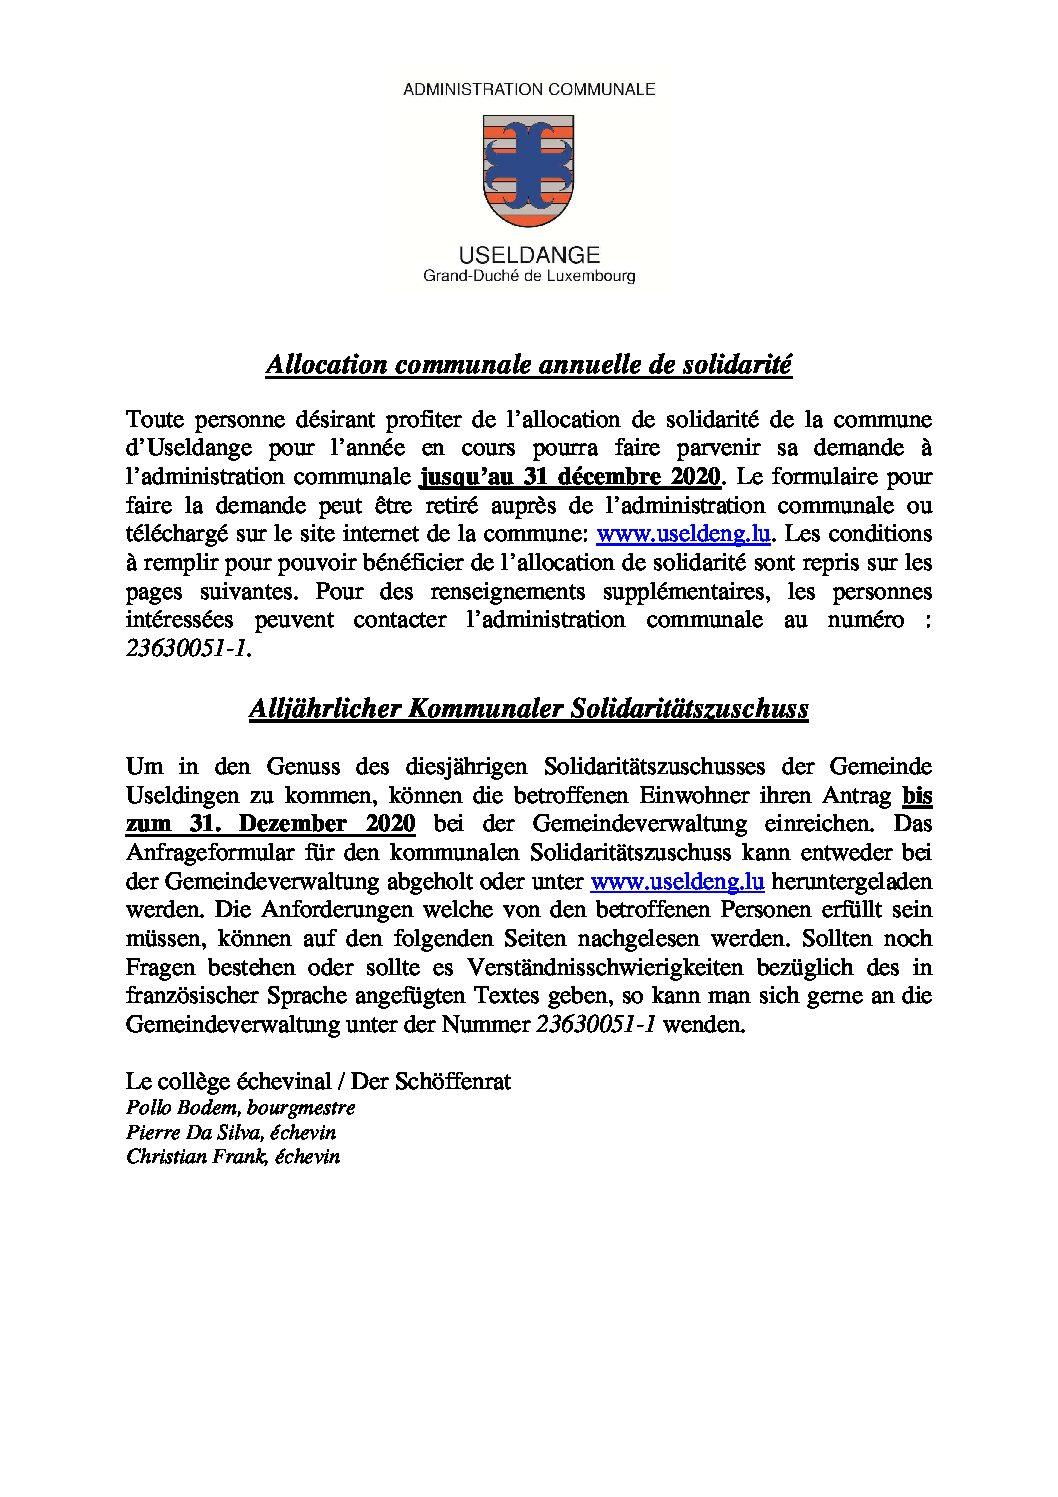 Allocation de solidarité 2020 - Avis et règlement